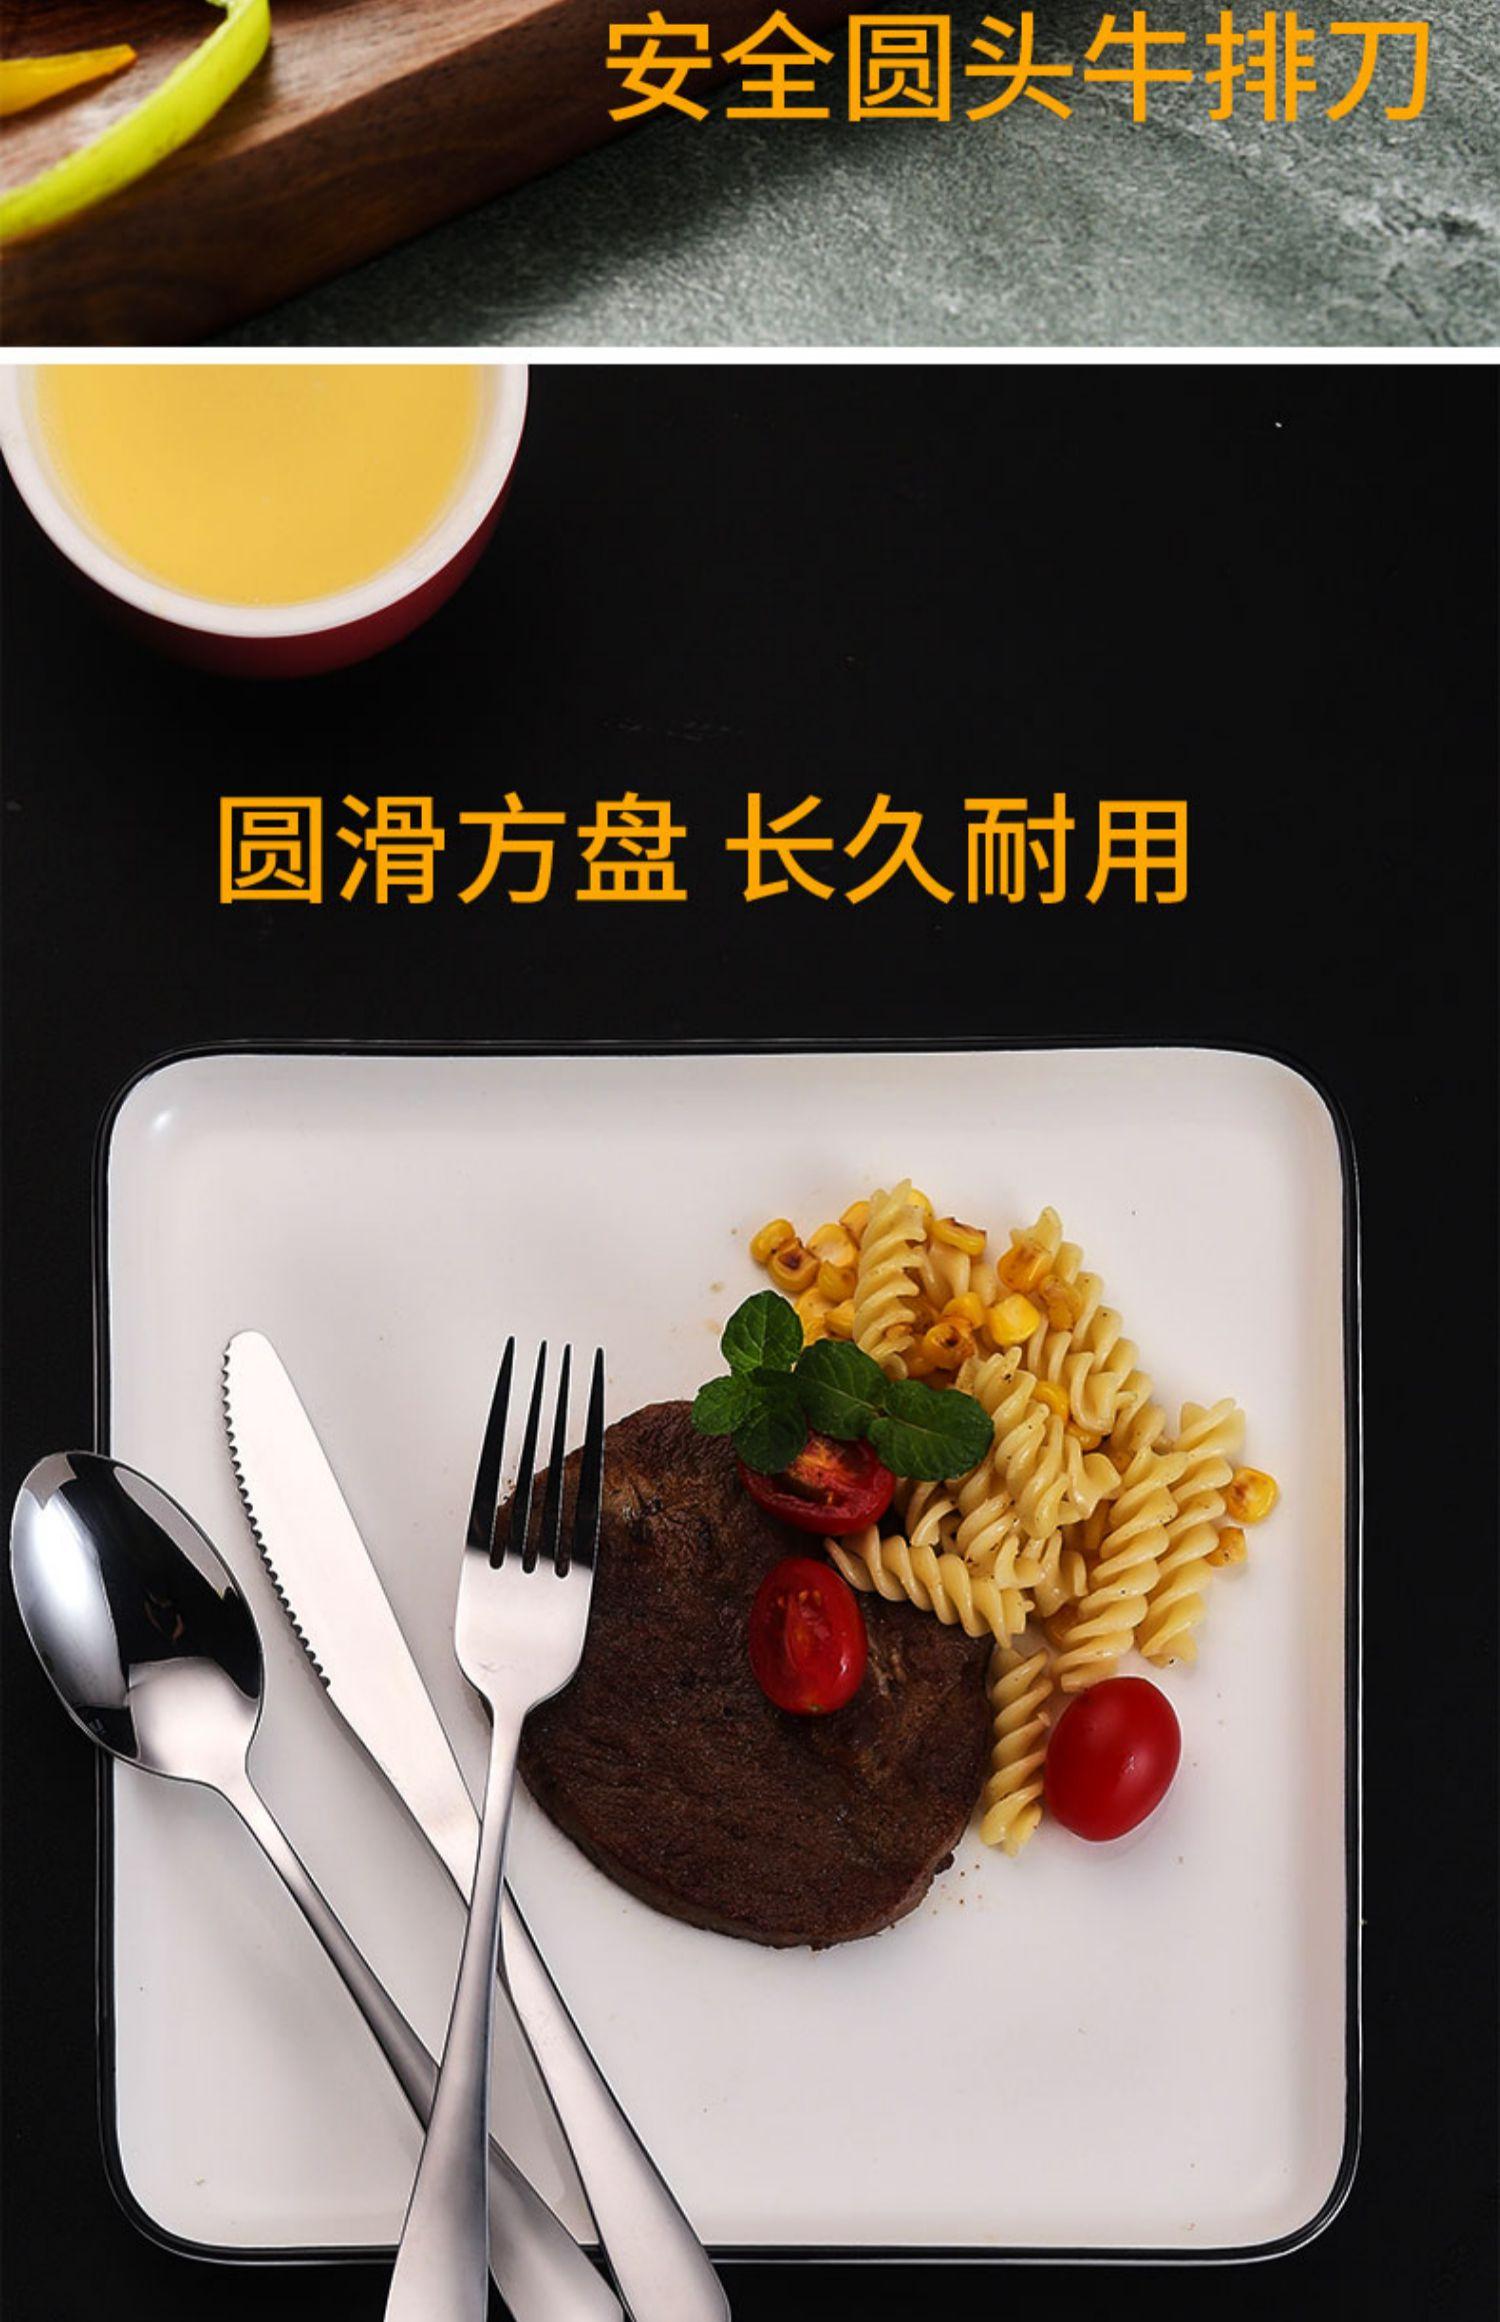 【格格家】不锈钢大号西餐餐勺